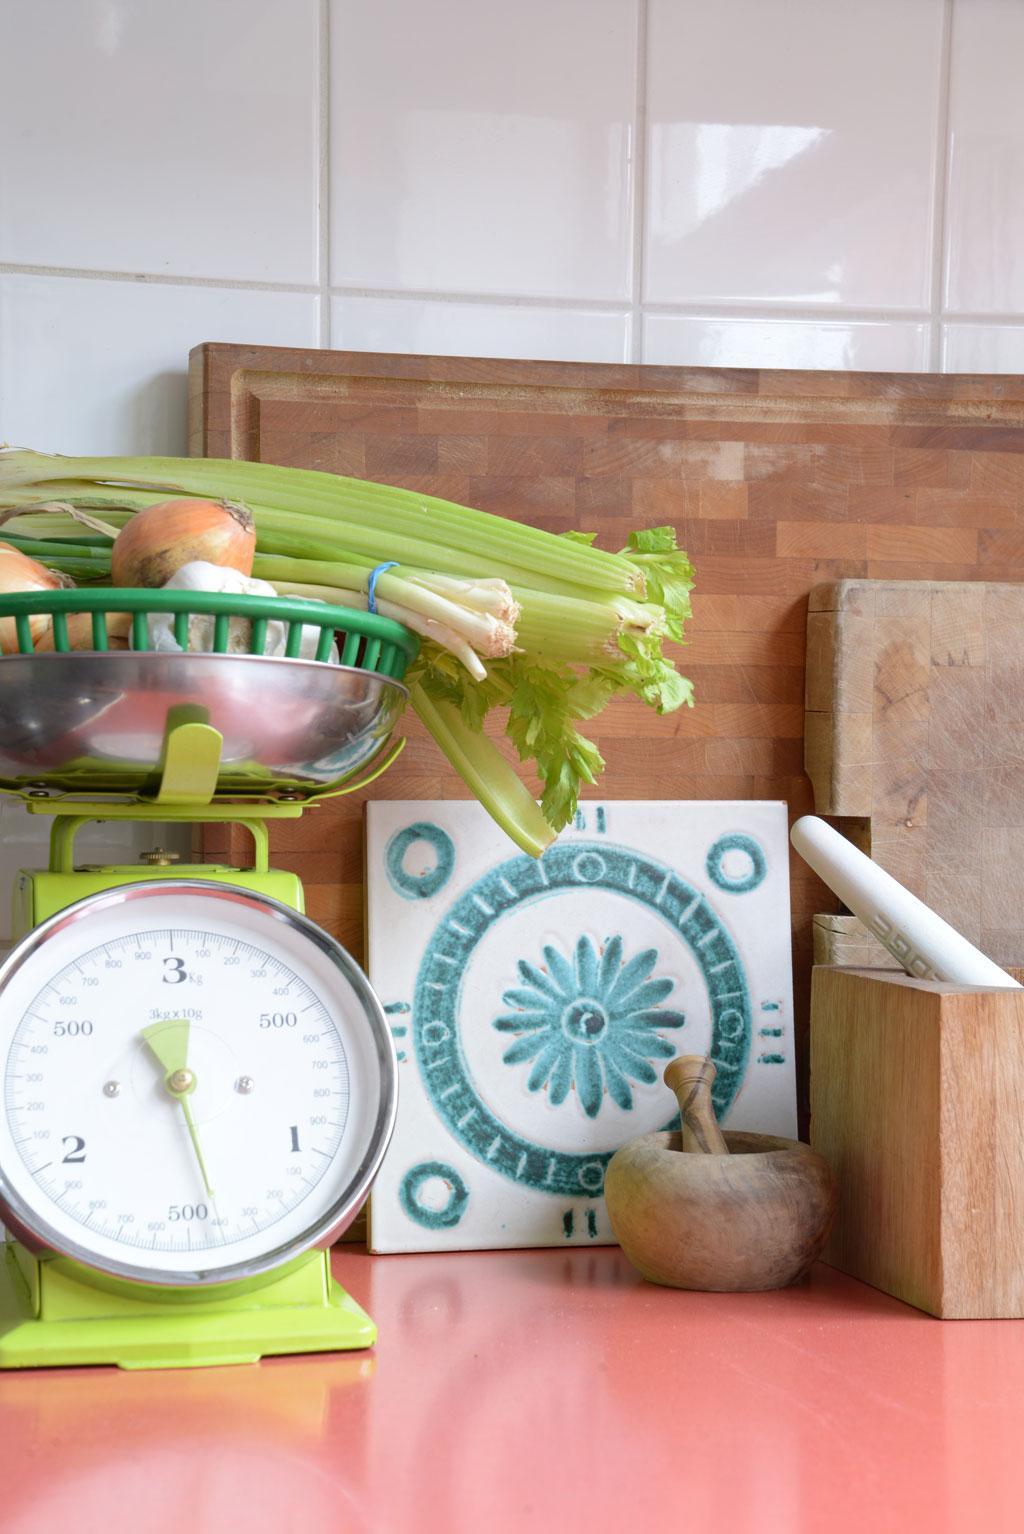 keukenweegschaal